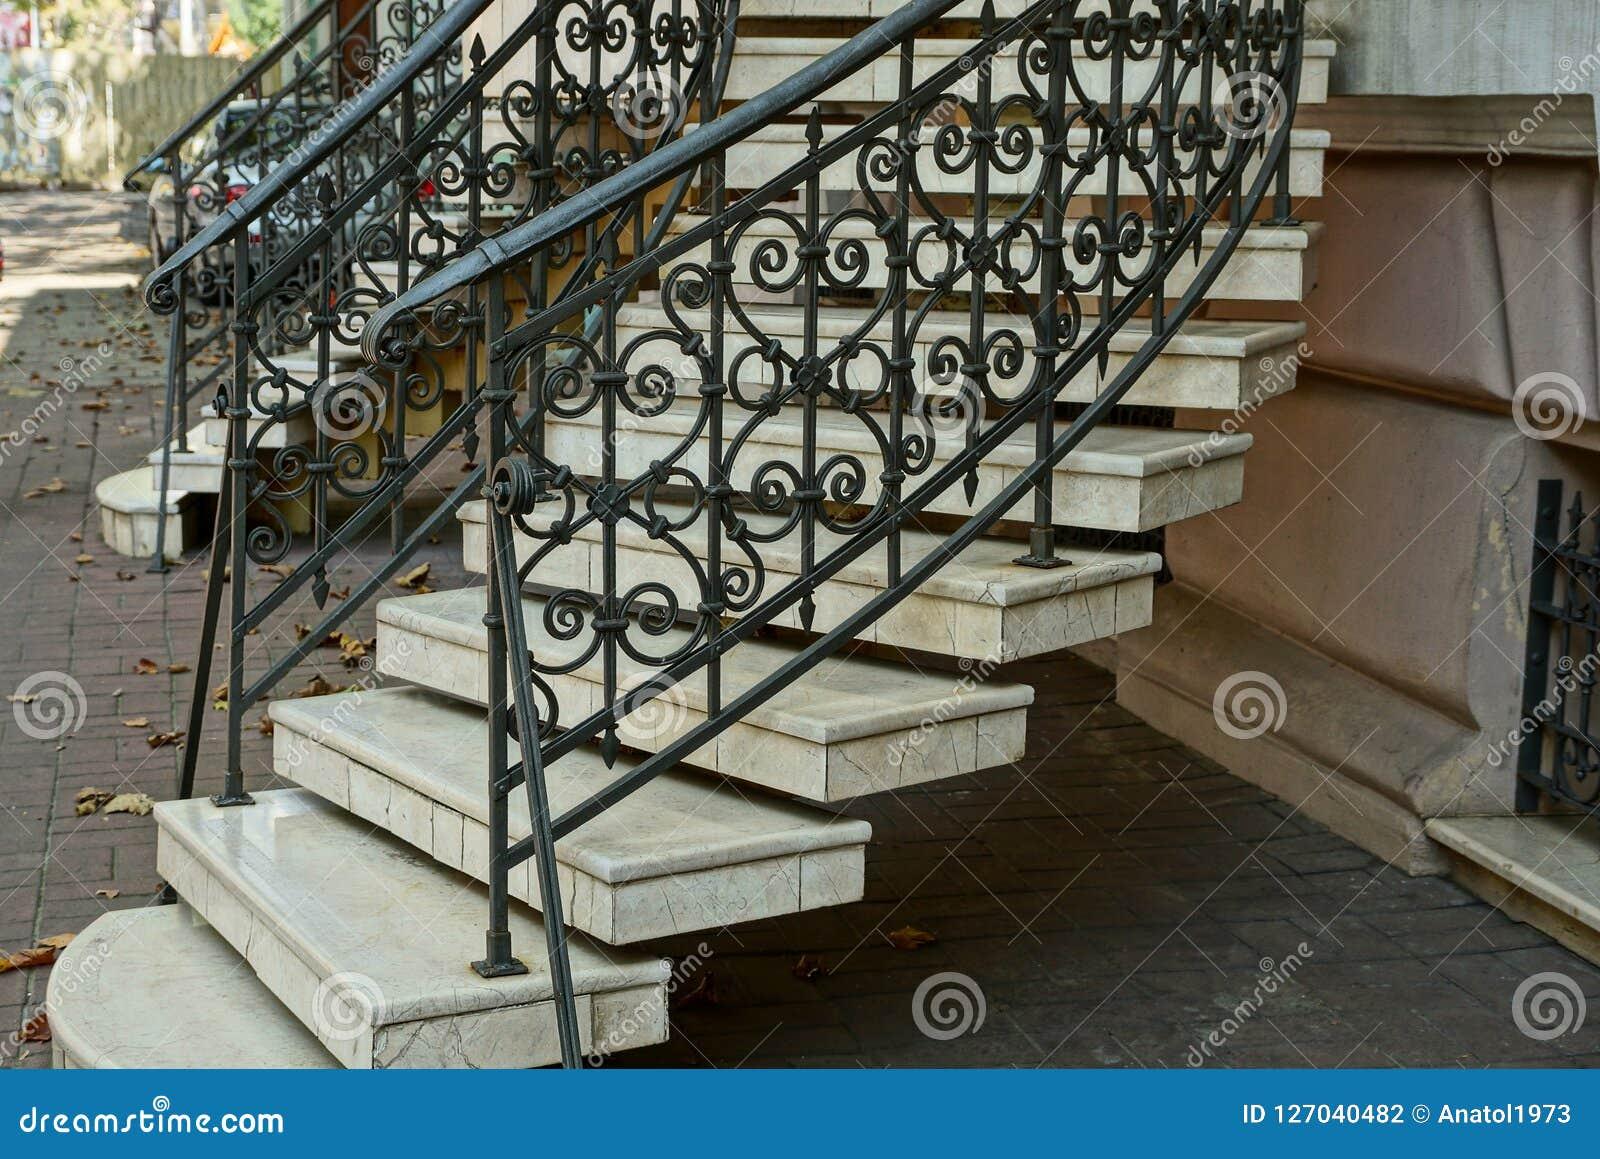 Escalera con pasos concretos grises y barandillas negras del hierro con un modelo forjado cerca de la pared en la acera